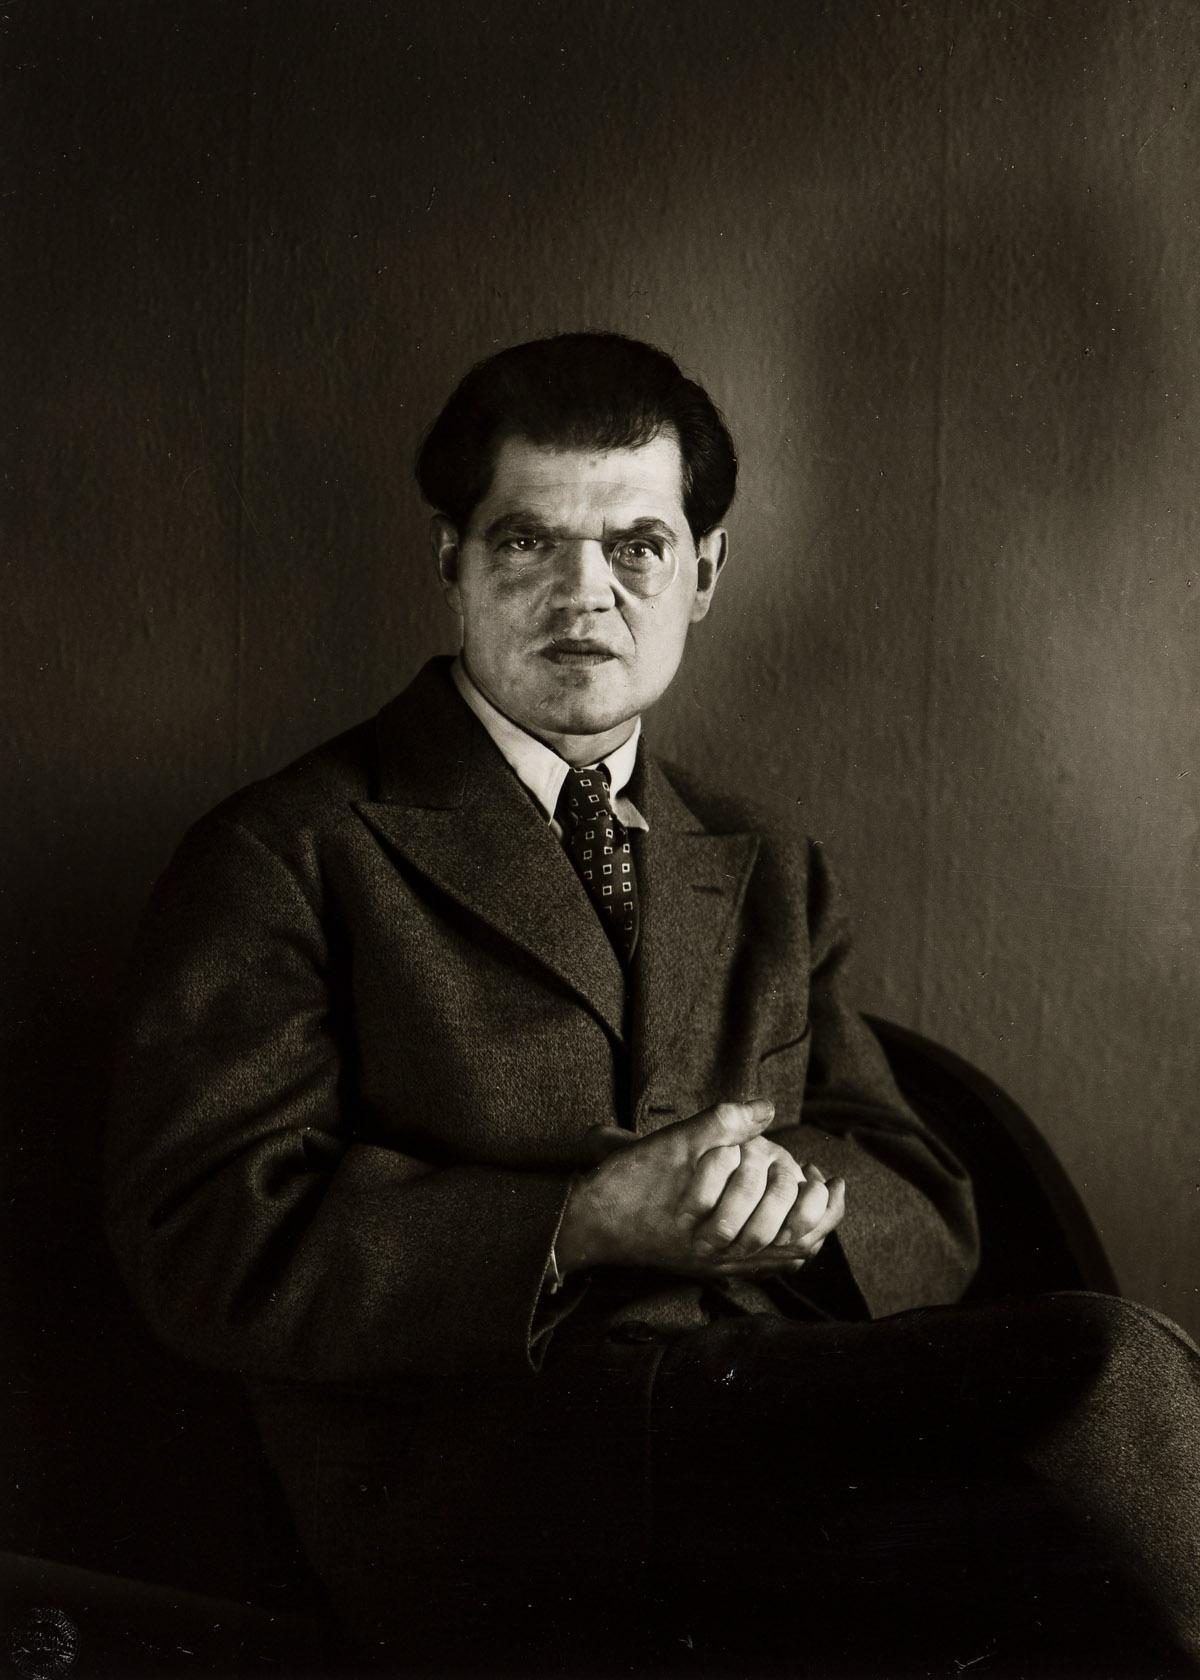 AUGUST SANDER (1876-1964)/GUNTHER SANDER (1907-1987) A portfolio titled Künstlerporträts von August Sander [Portraits of Artists Portfo